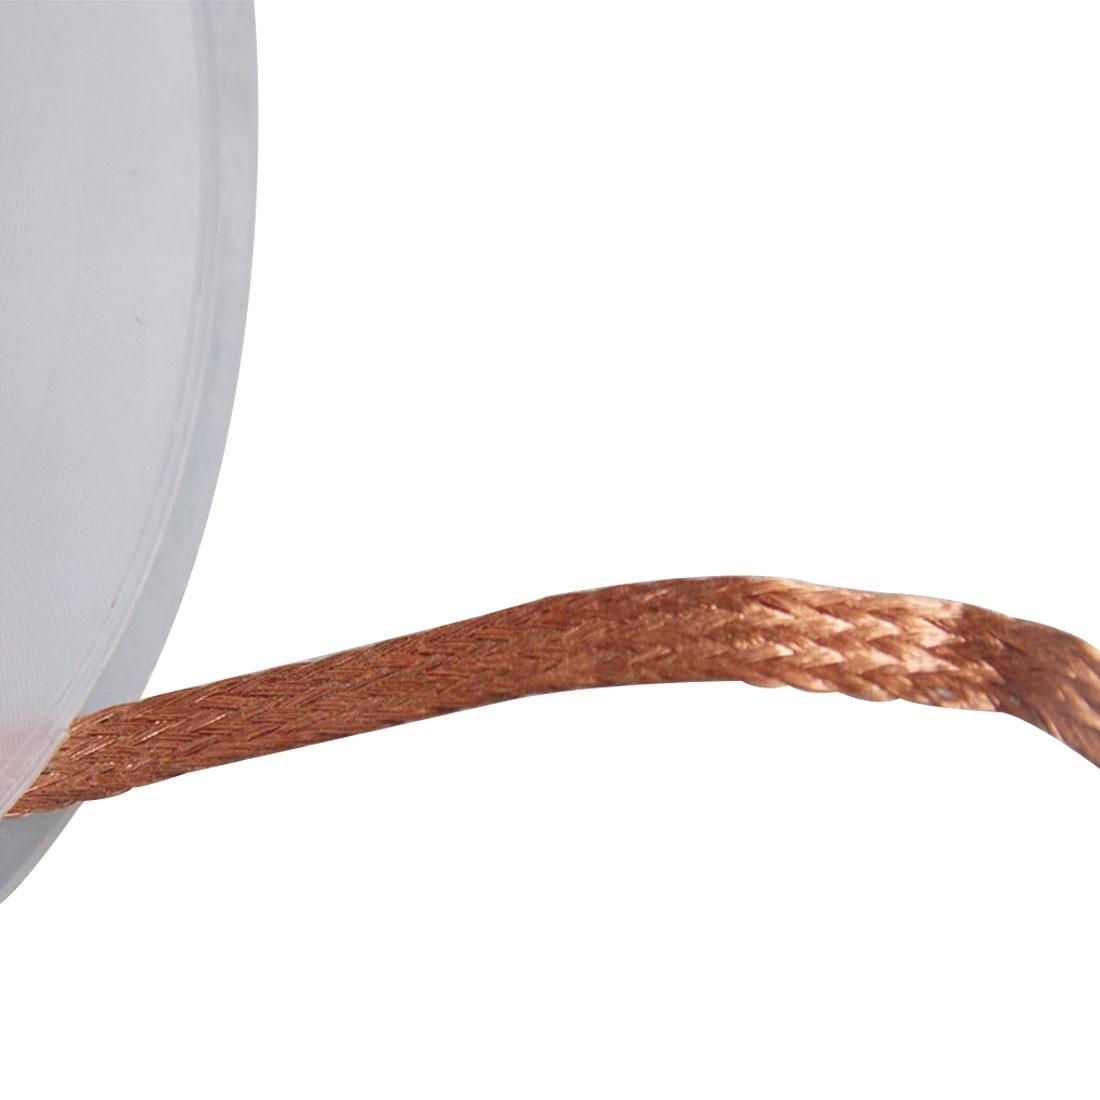 Паяльной станции сетчатой оплетке припоя для снятия фитиль провода инструмент для ремонта 3,5 мм 1,5 м Высокое качество